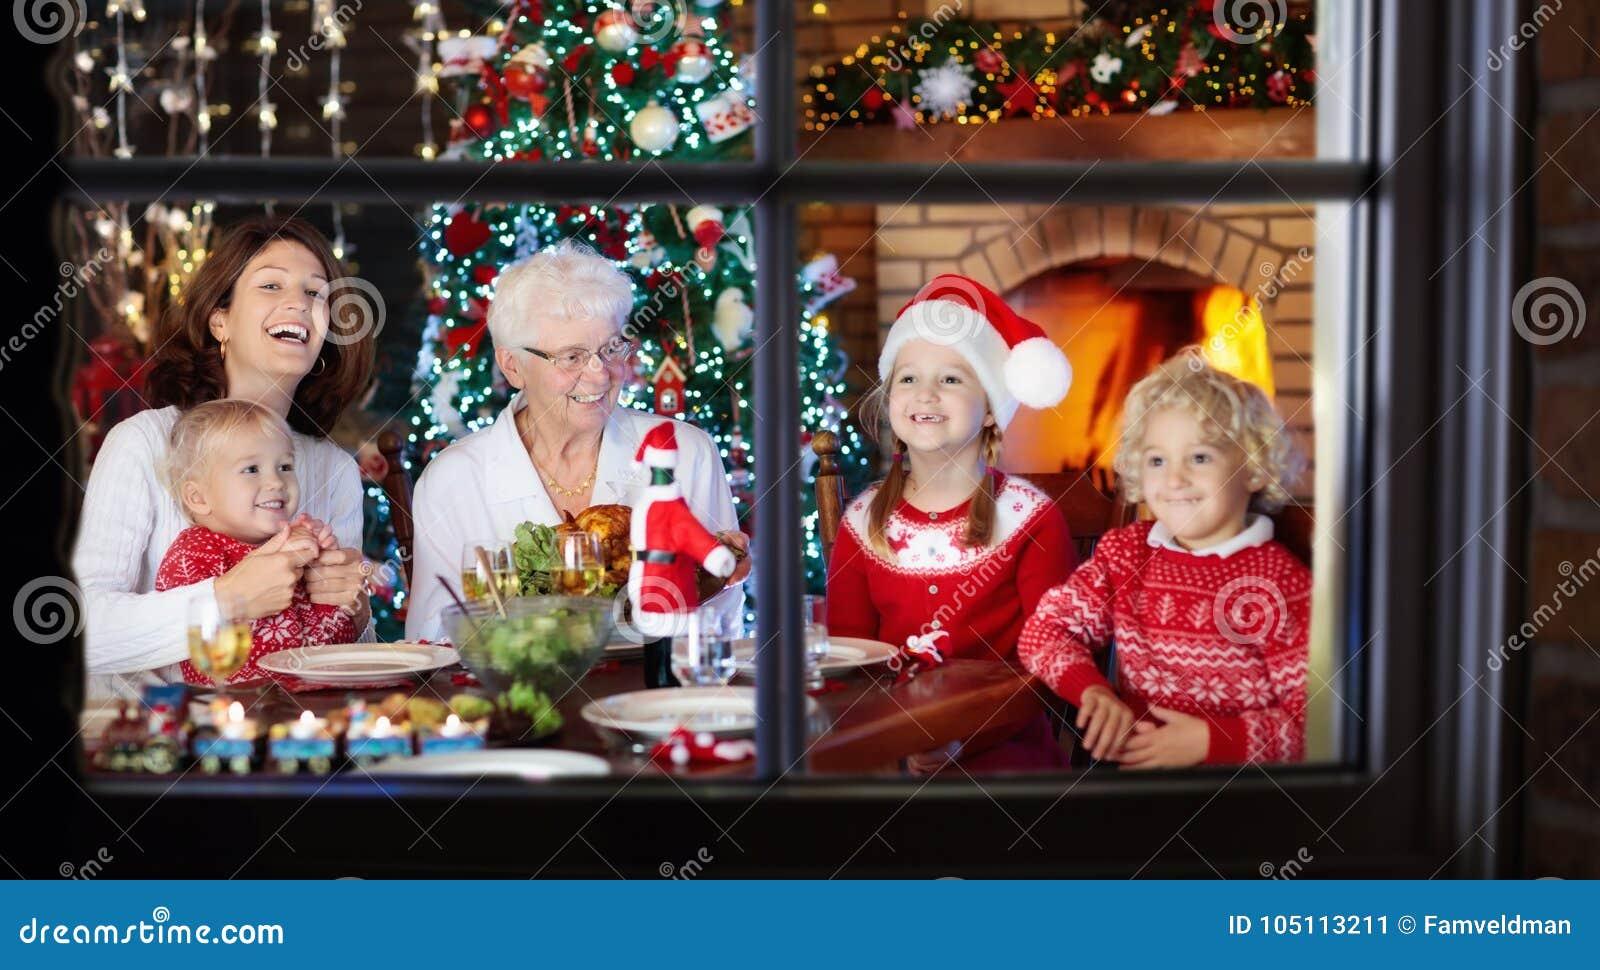 Het diner van Kerstmis Familie met jonge geitjes bij Kerstmisboom